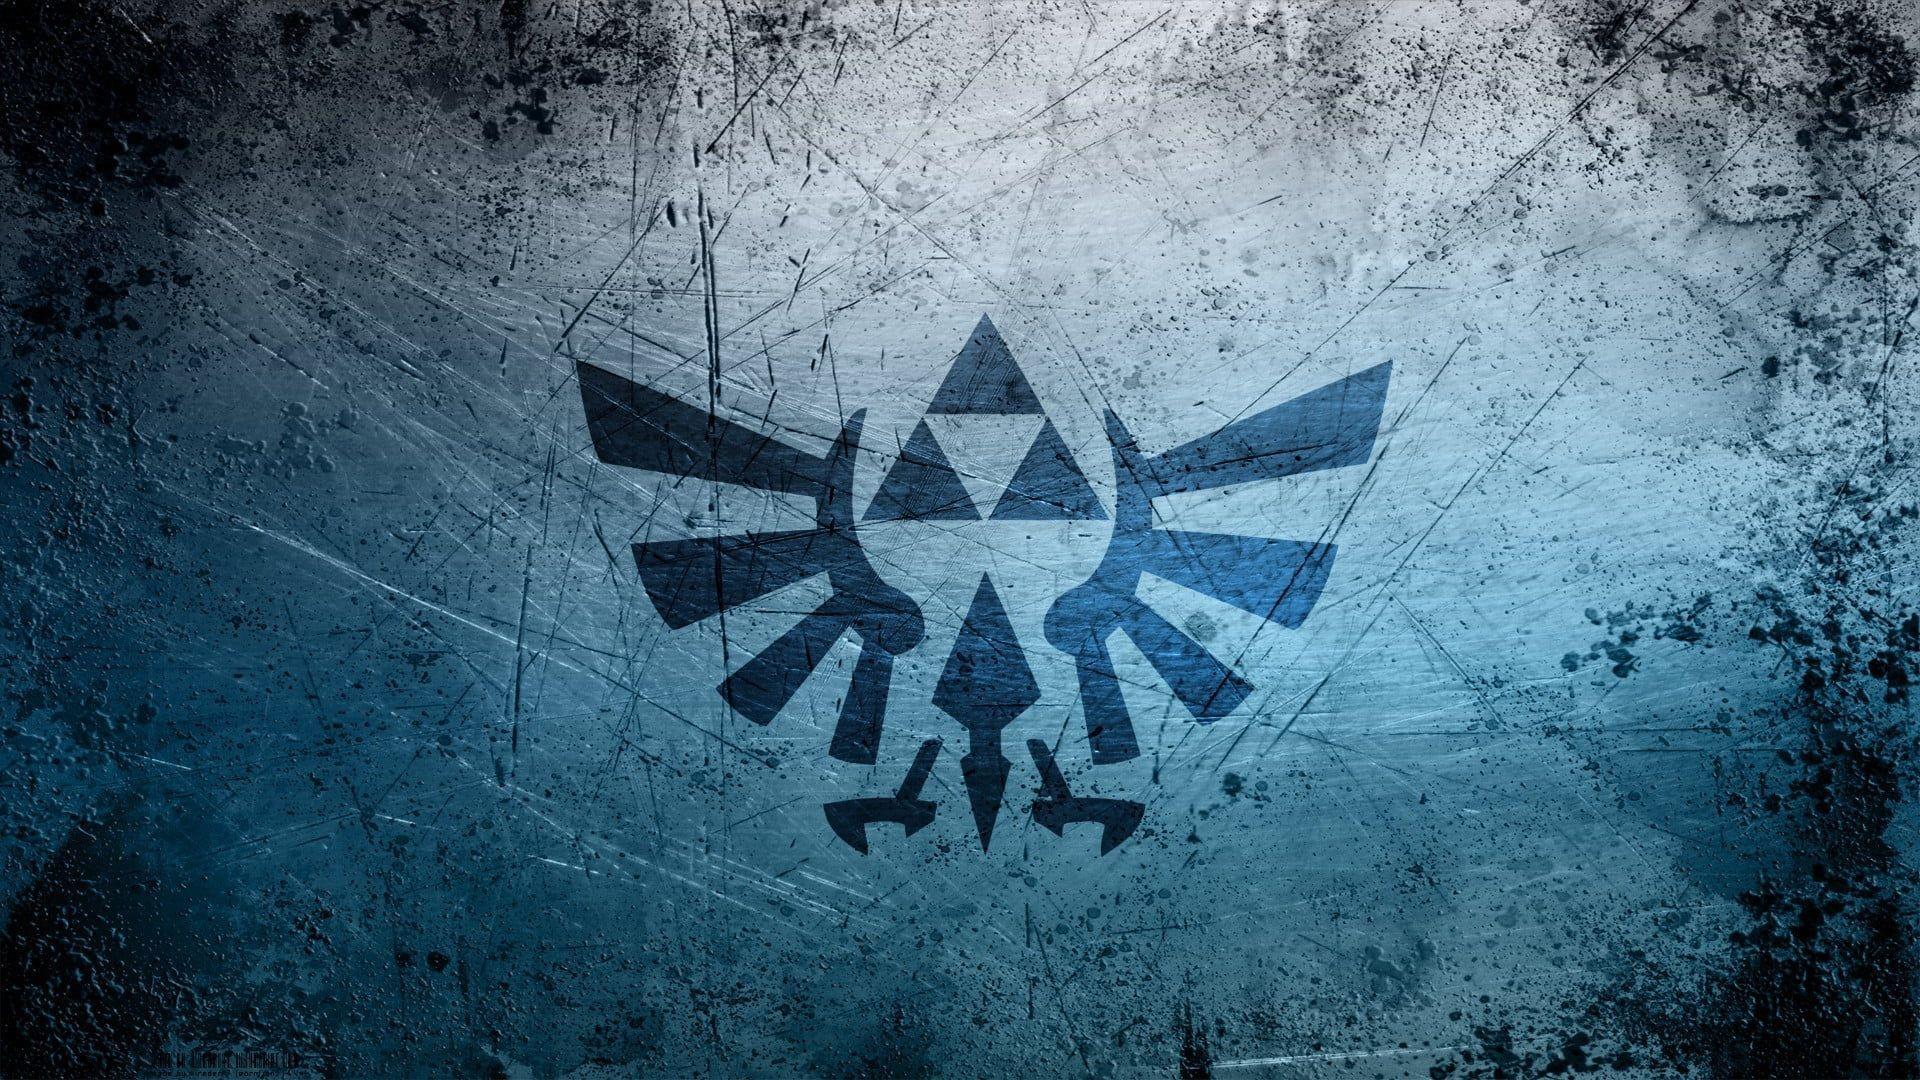 Zelda Tri Force Logo Wallpaper The Legend Of Zelda Triforce Minimalism Video G 4k In 2020 Gaming Wallpapers Wallpaper Triforce